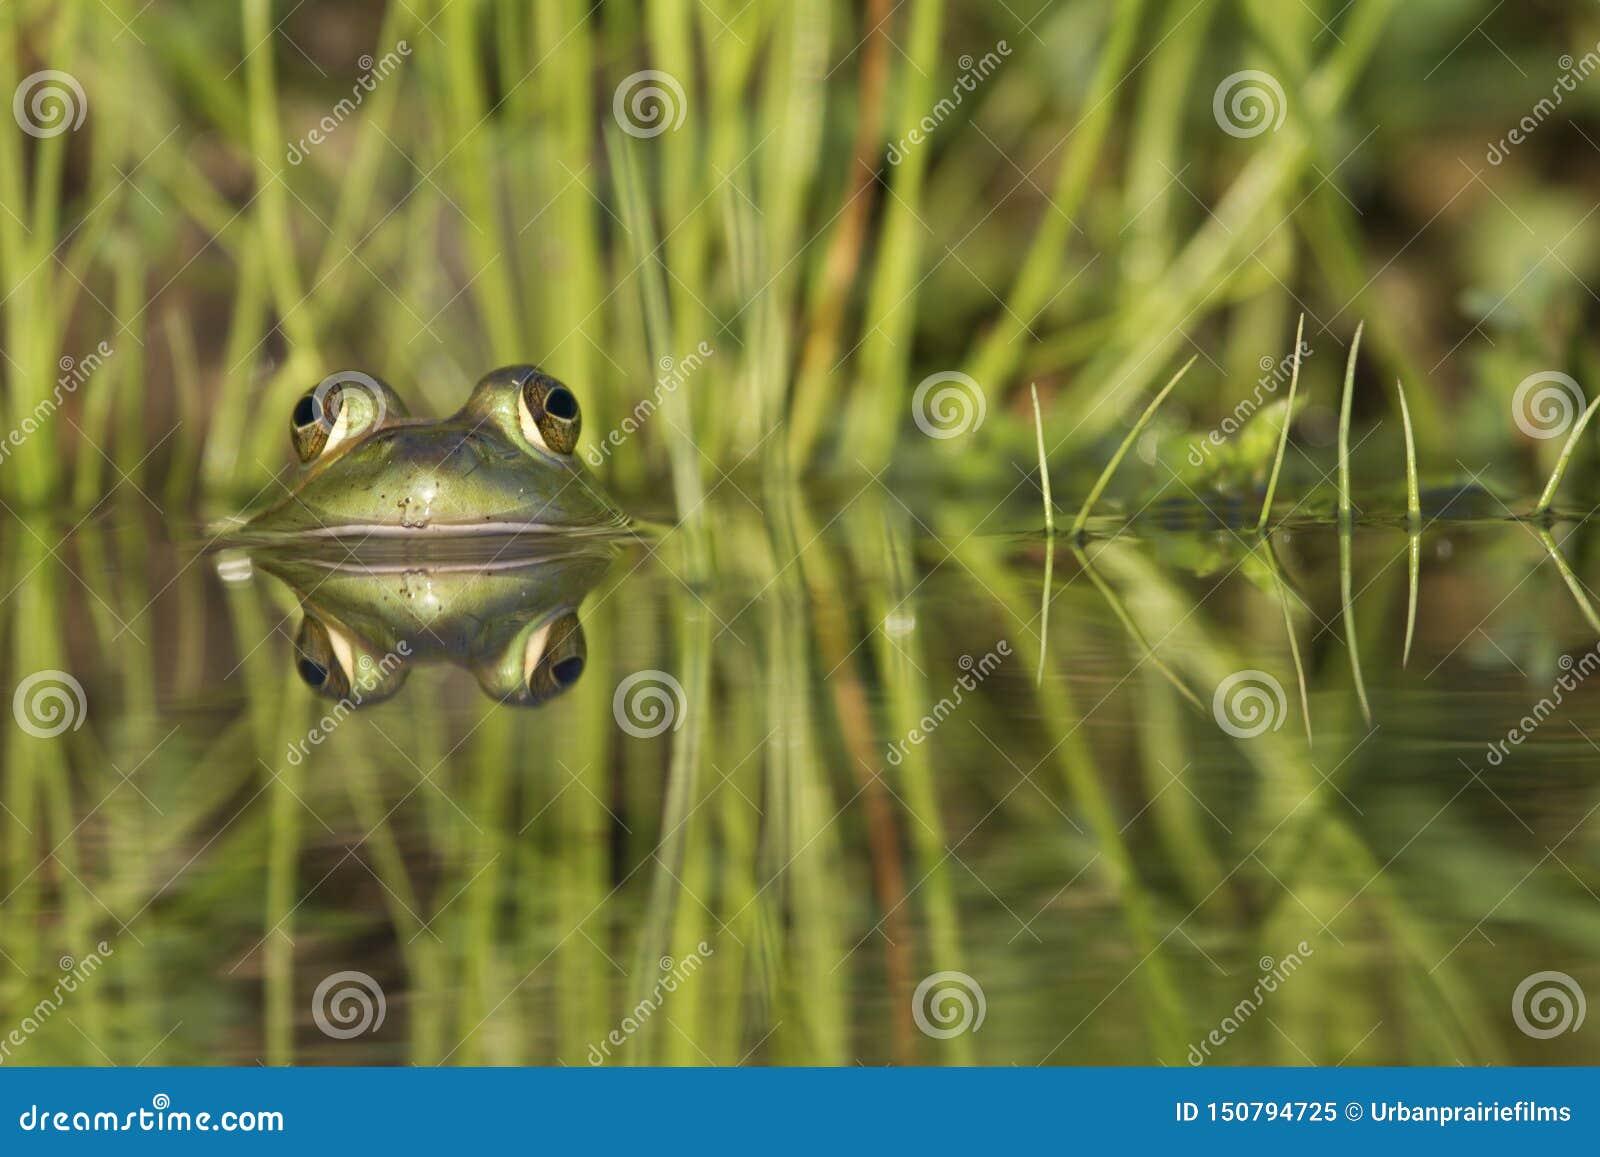 Rana verde duplicada en el agua